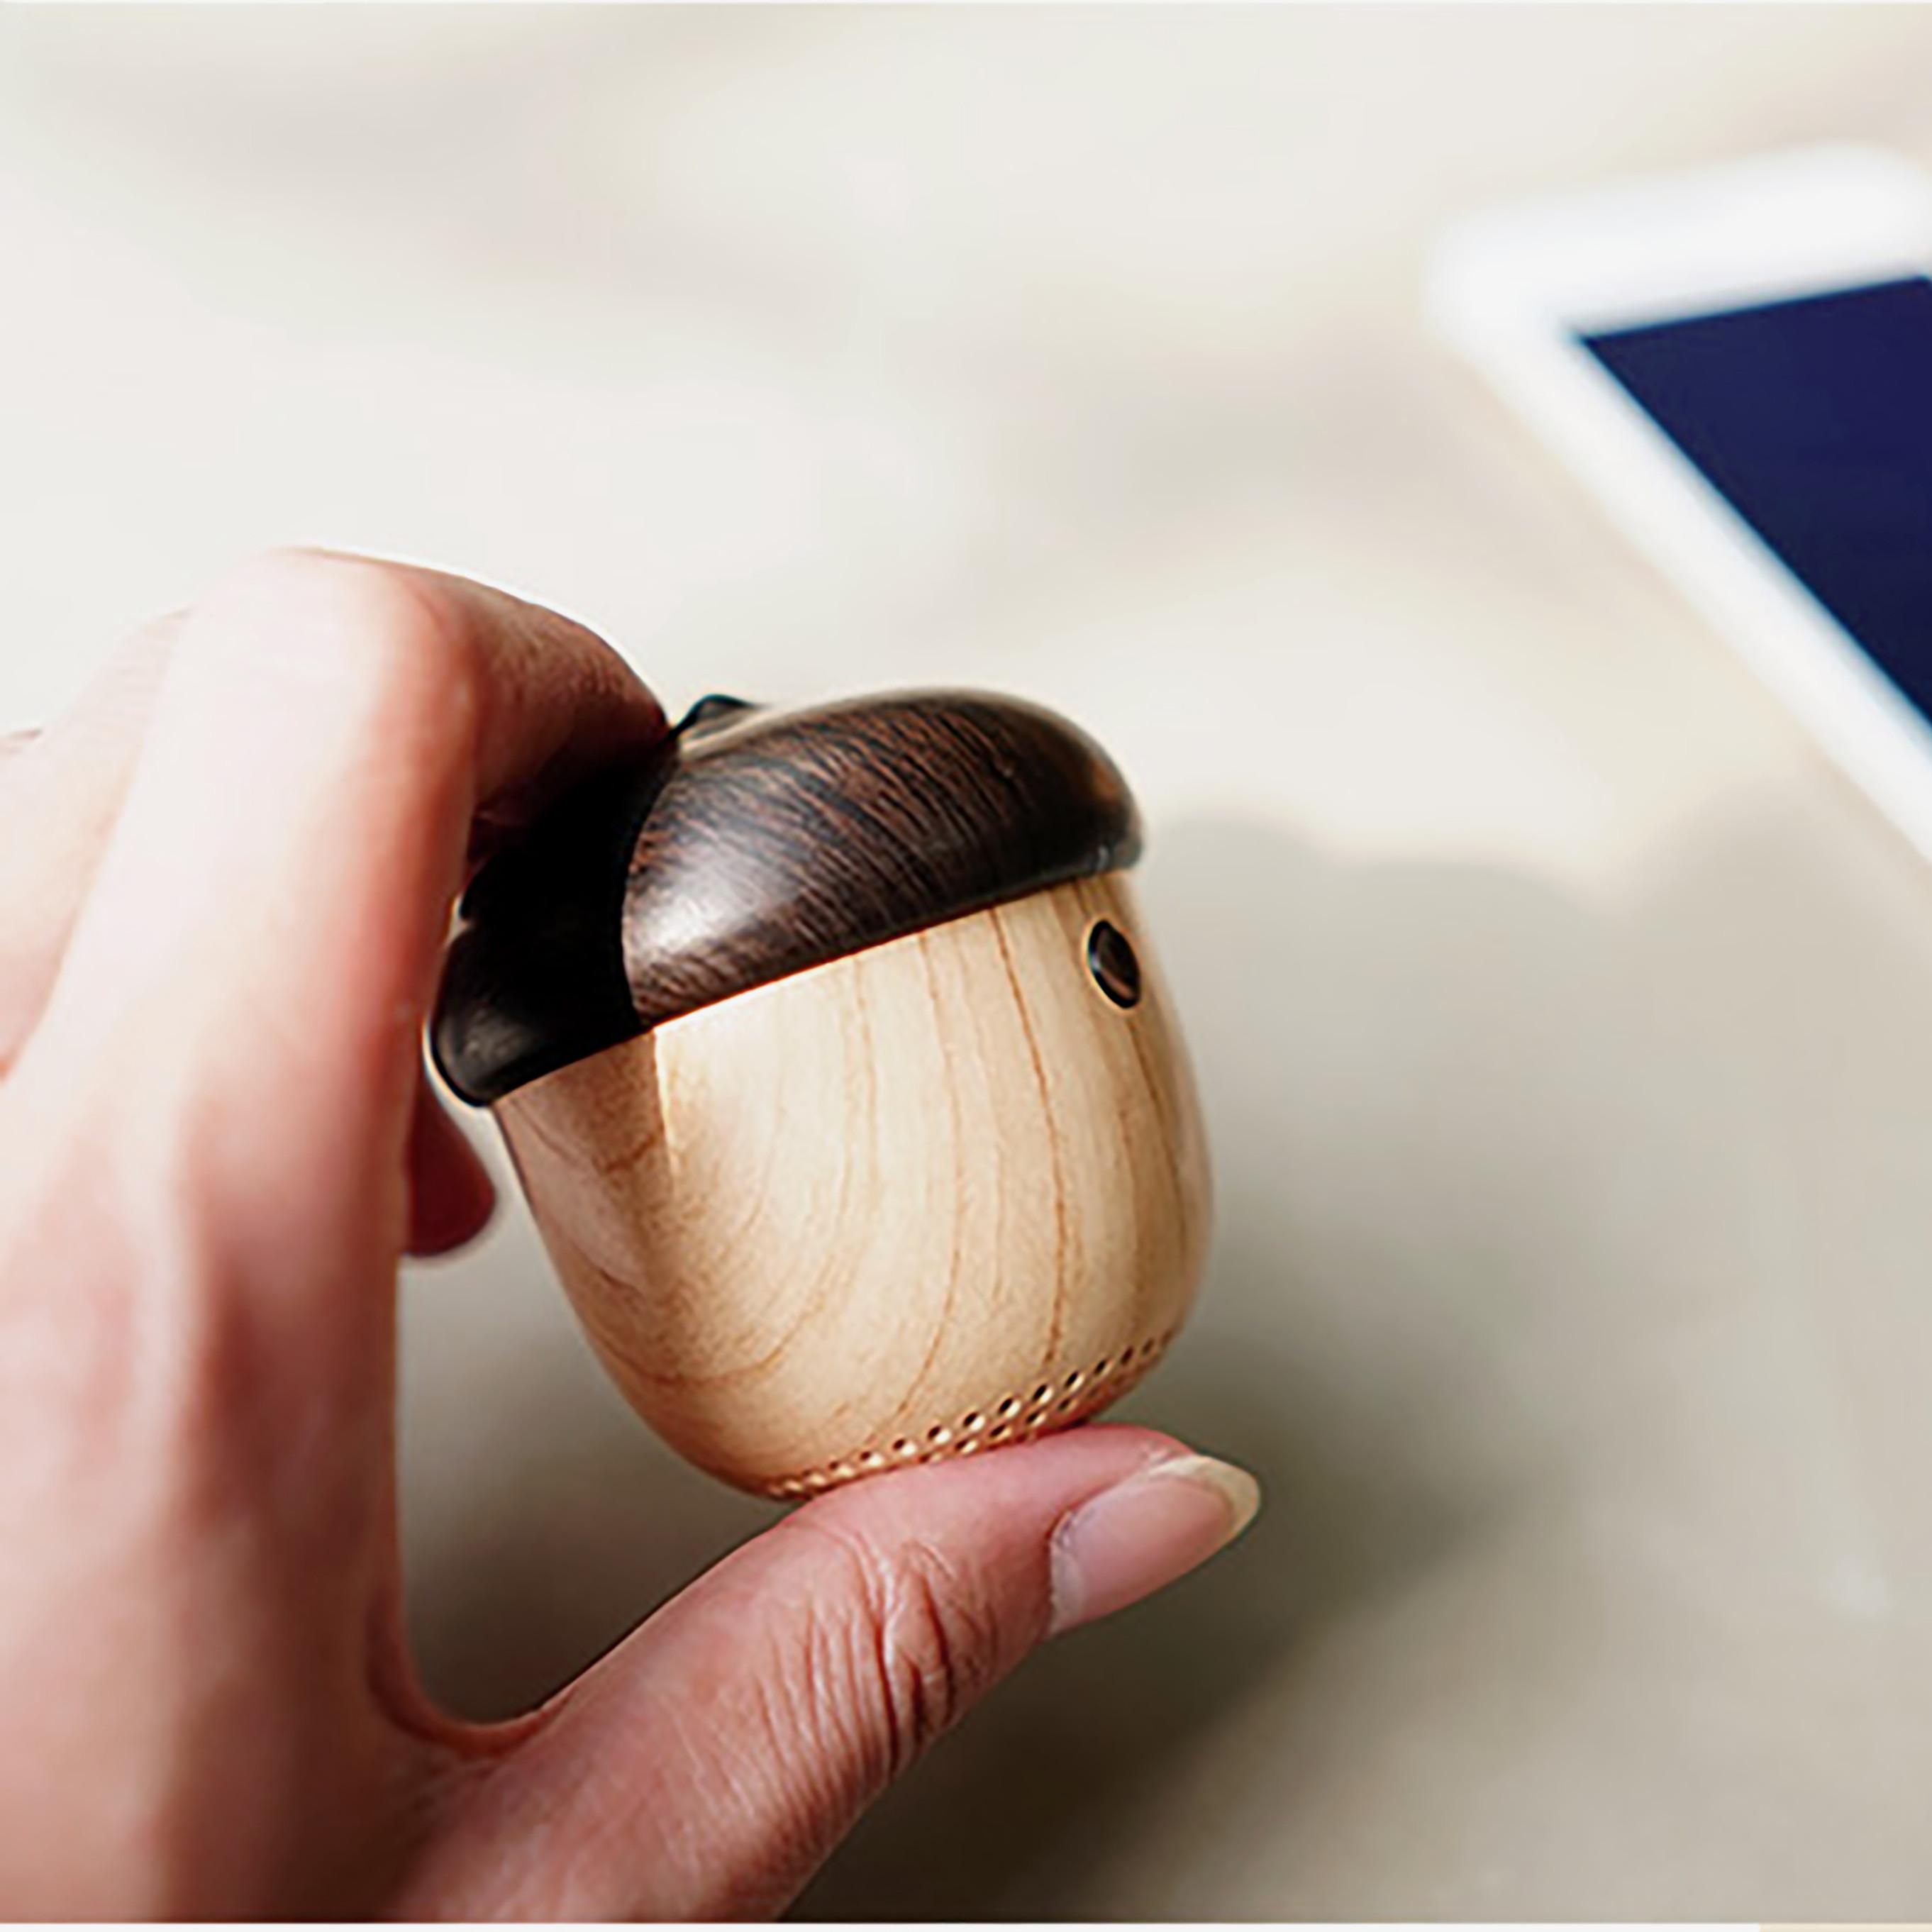 Loa bluetooth mini gỗ không dây hình nấm làm móc treo, tích hợp micro hỗ trợ đàm thoại tiện lợi, chất lượng âm thanh cao cấp Jisulife J2 (Hàng chính hãng)